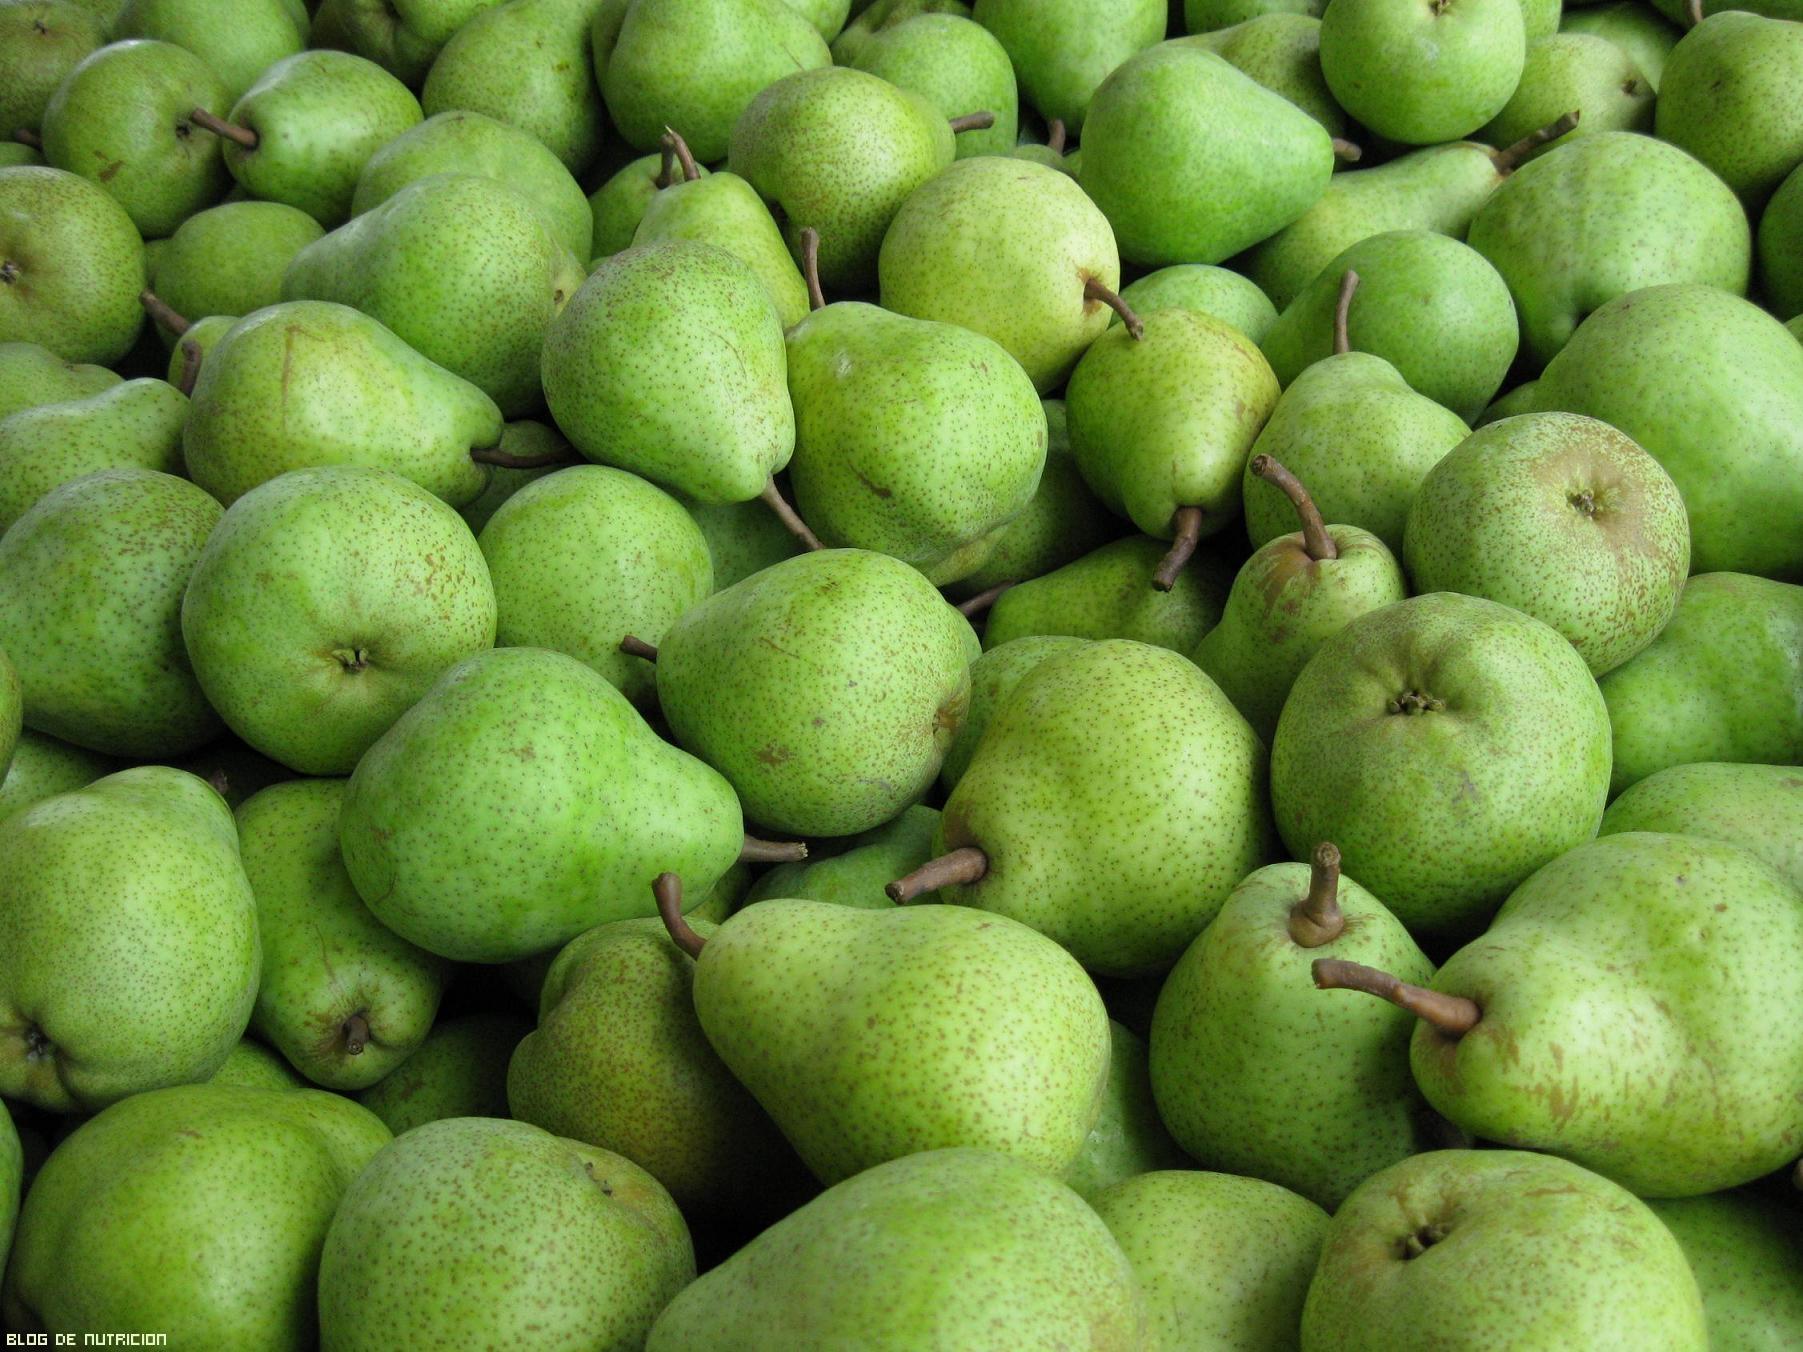 kilos de peras verdes